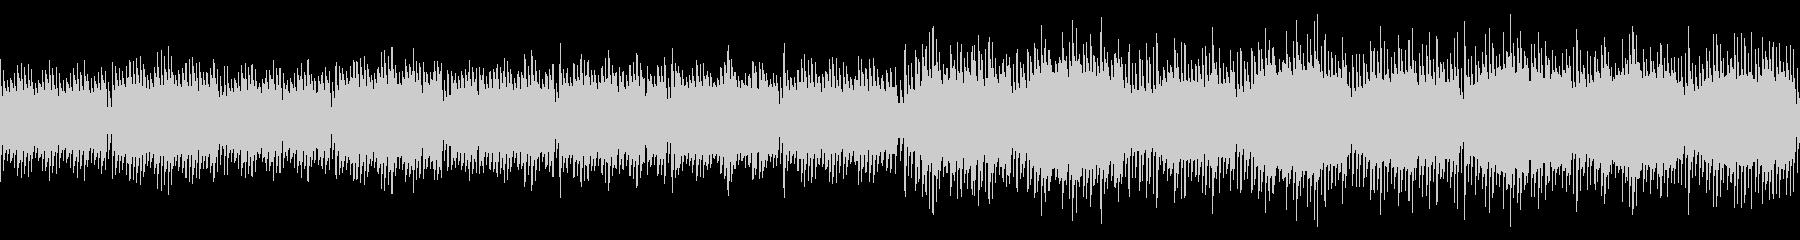 レトロなプレリュード(ゲーム画面などに)の未再生の波形